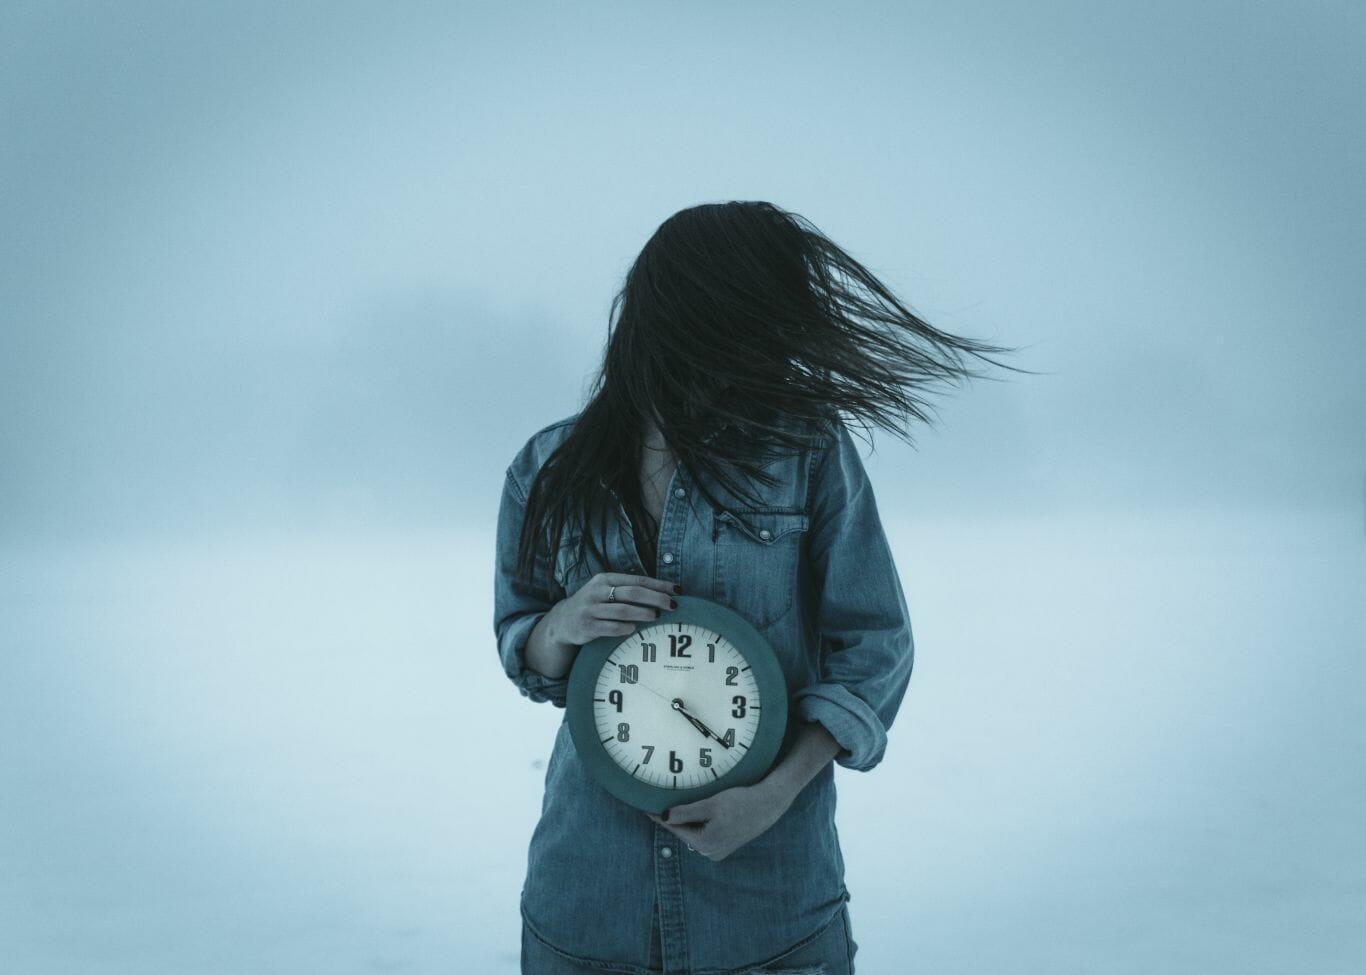 noruega conceito tempo 4